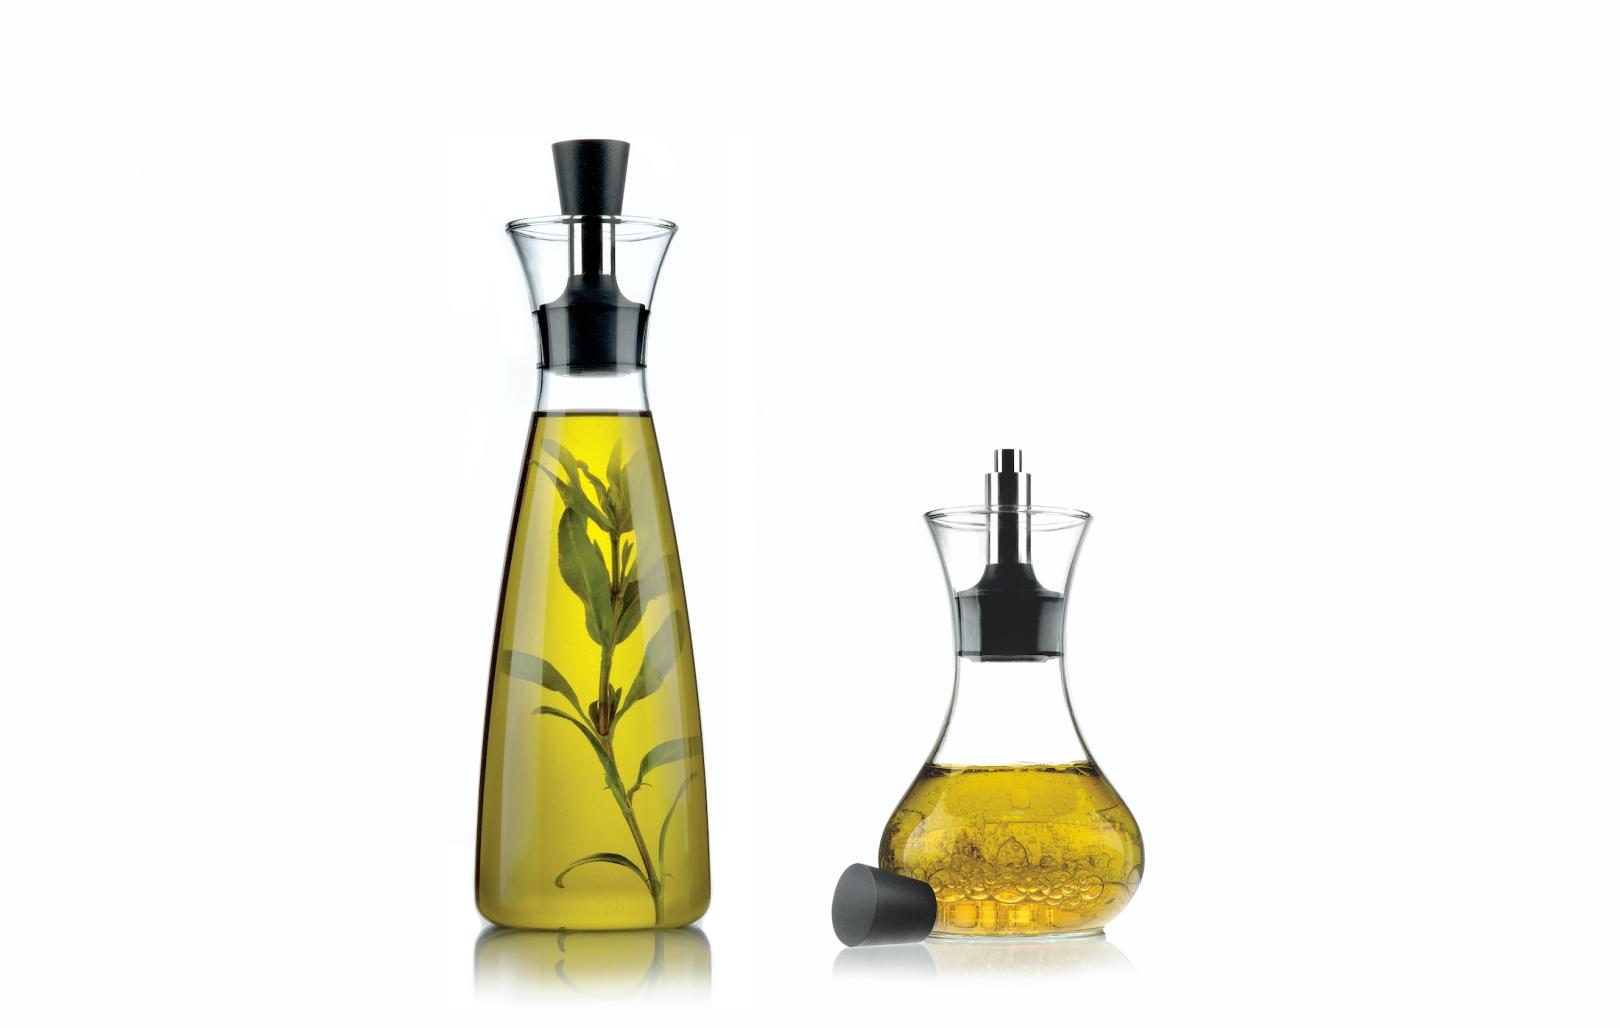 eva solo Oil/vinegar carafe 0.5l and Dressing Shaker 0.25l, Photo Credit: eva solo